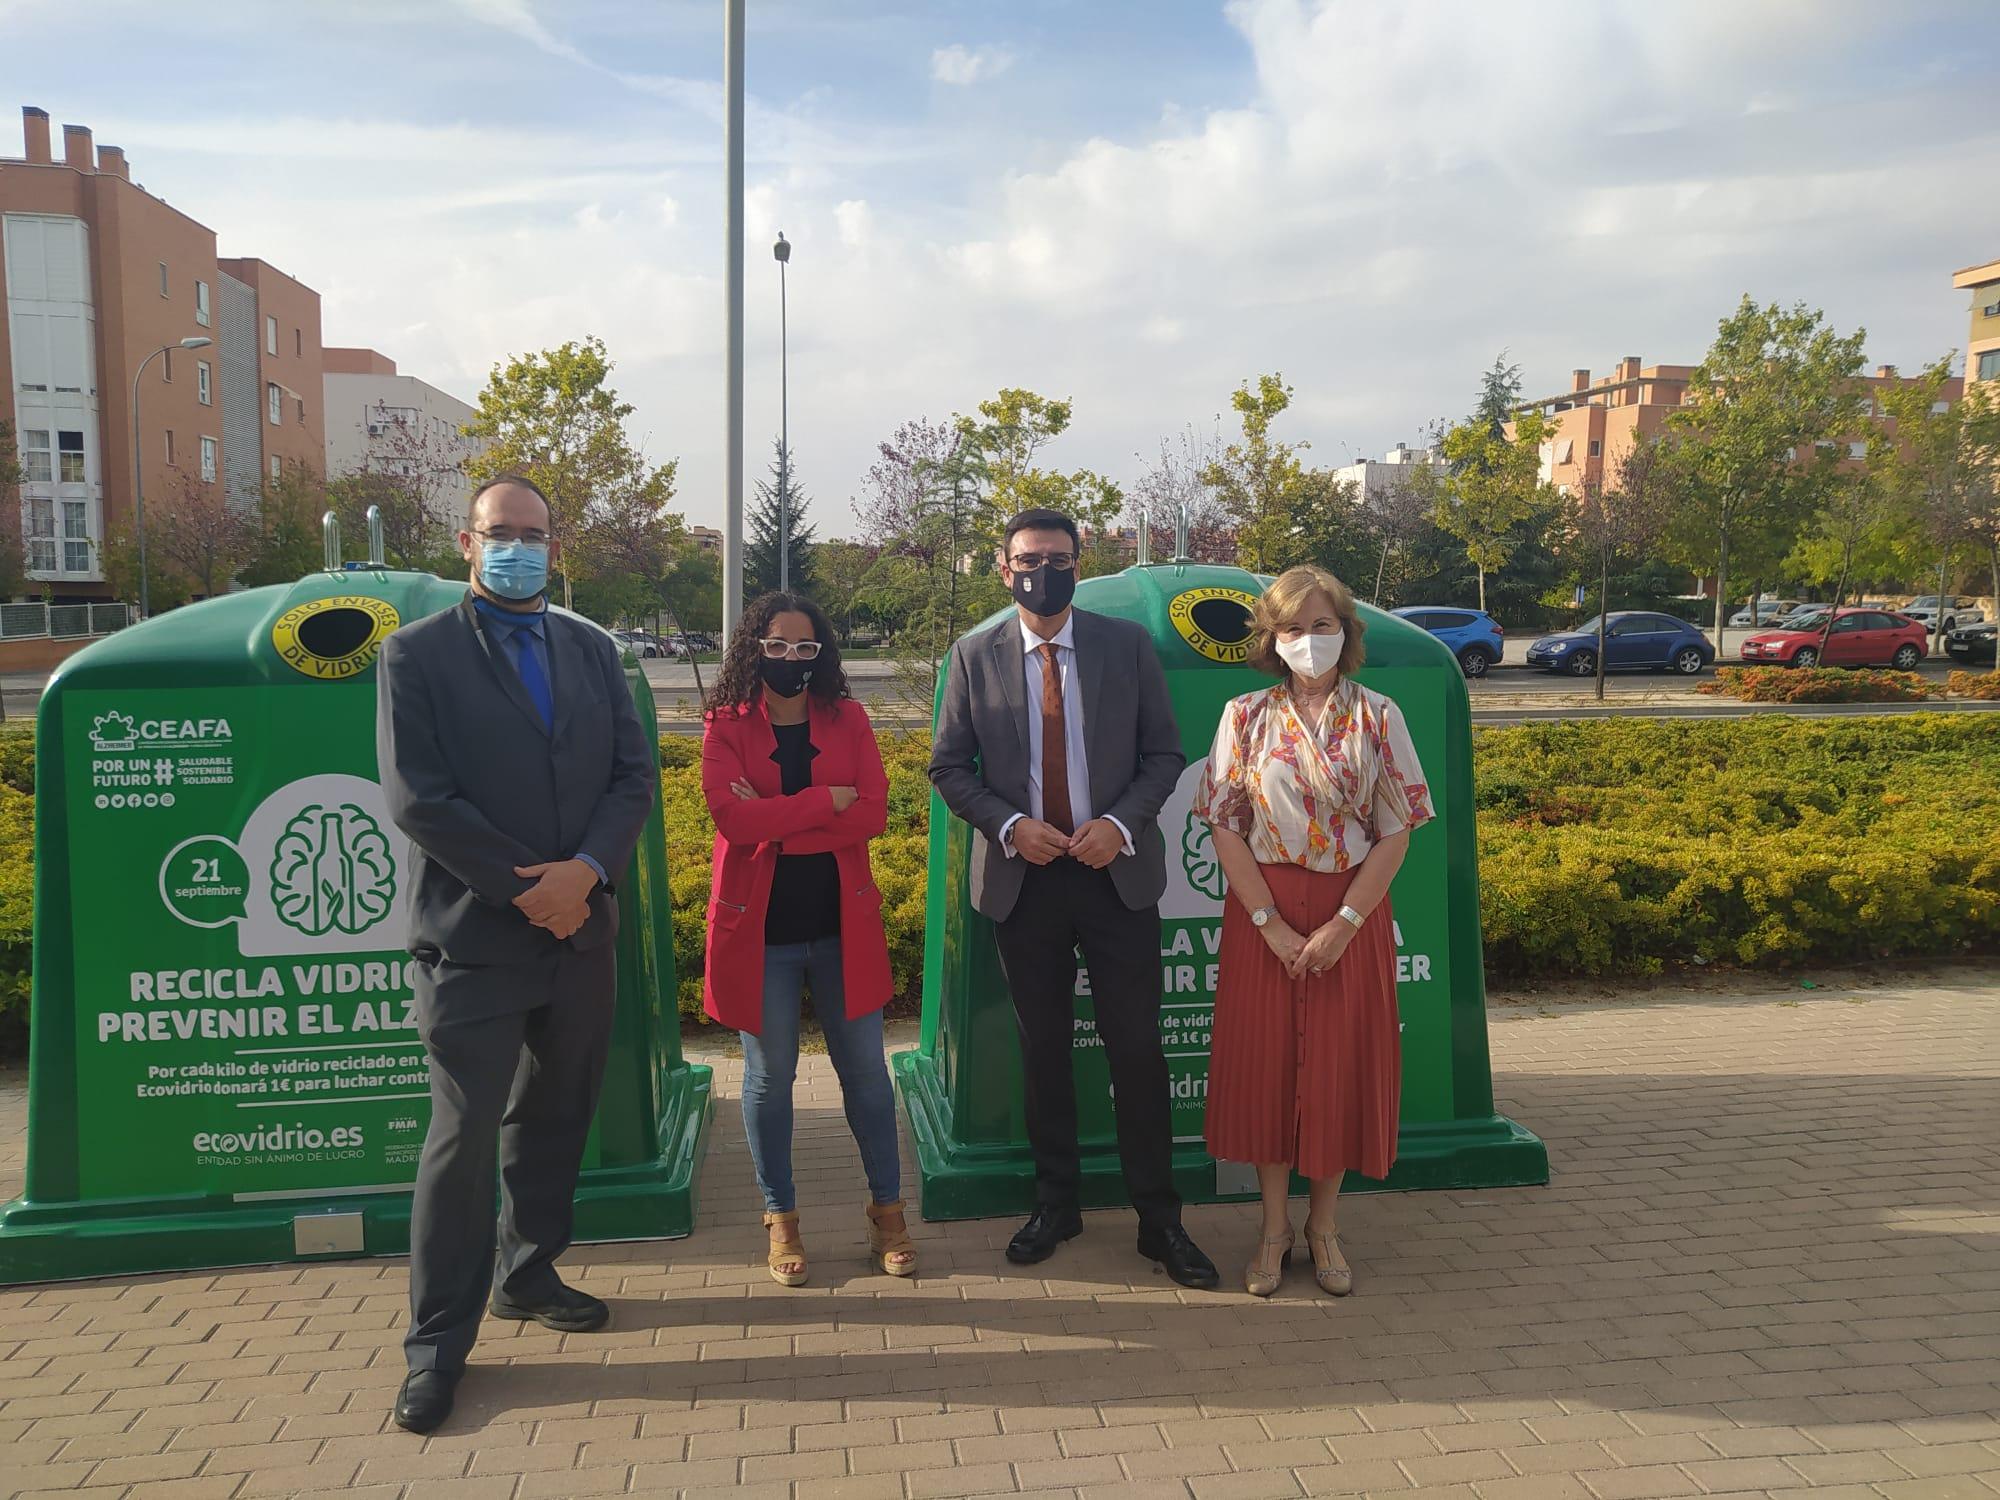 sostenibilidad, medio ambiente, agenda 2030, reciclaje, conciencia cívica